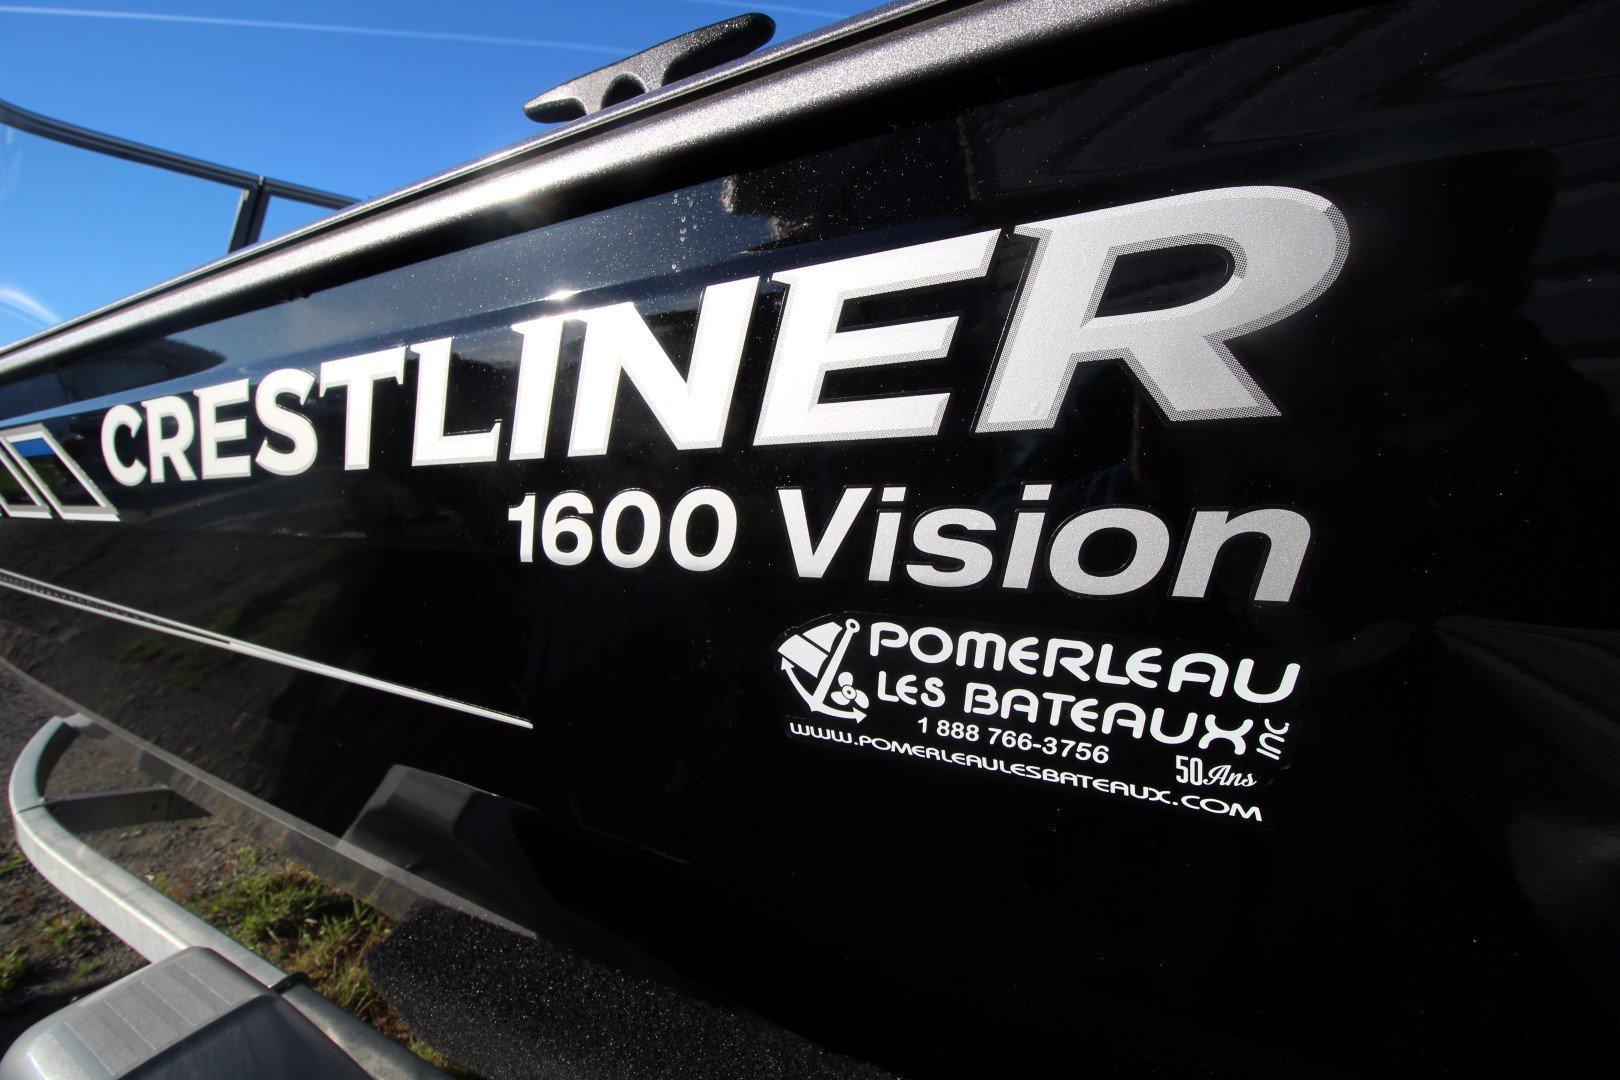 Crestliner Vision 1600 - IMG_2459